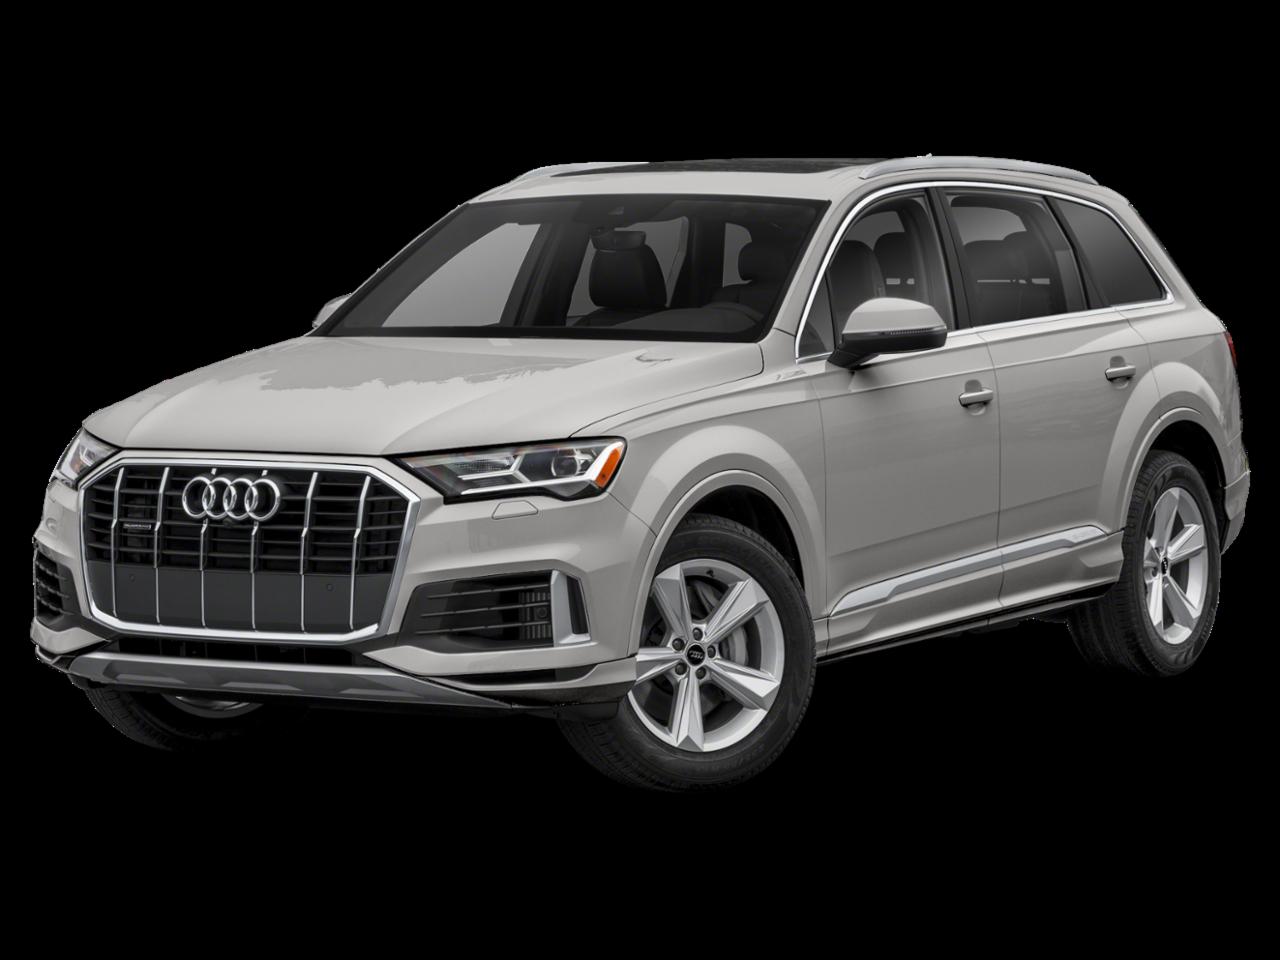 Audi 2021 Q7 Premium Plus